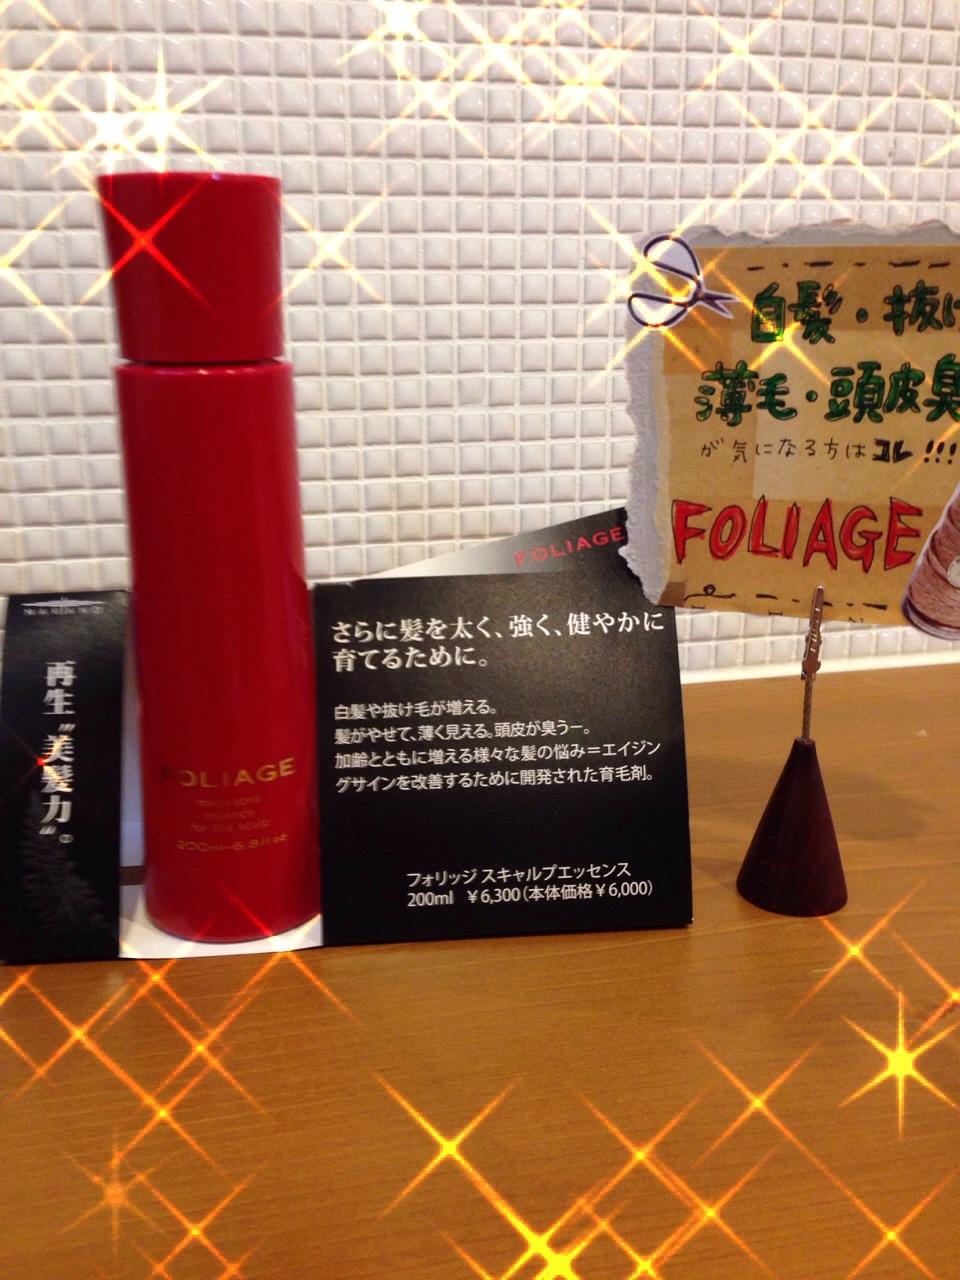 おすすめ新商品!!_d0178587_12252722.jpg